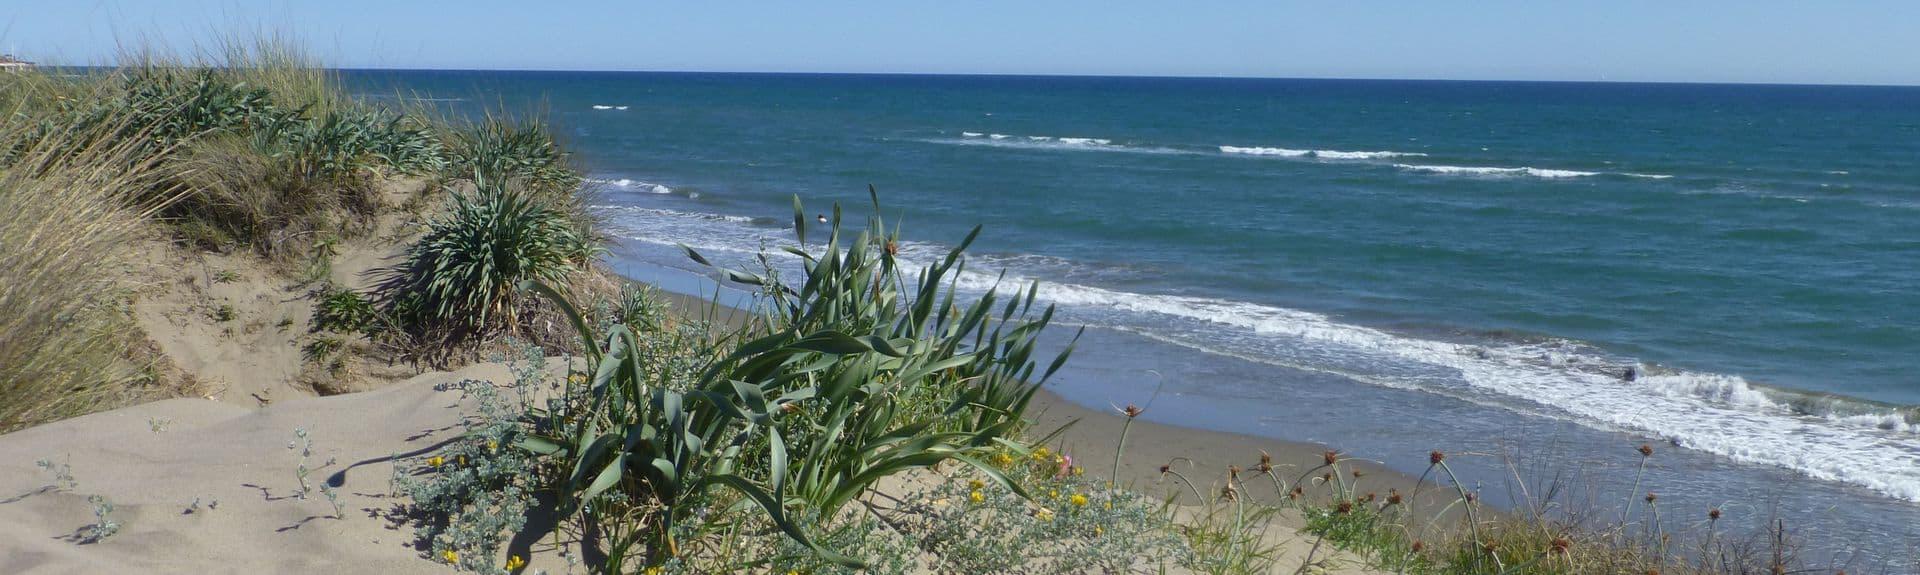 Artola-Cabopino beach